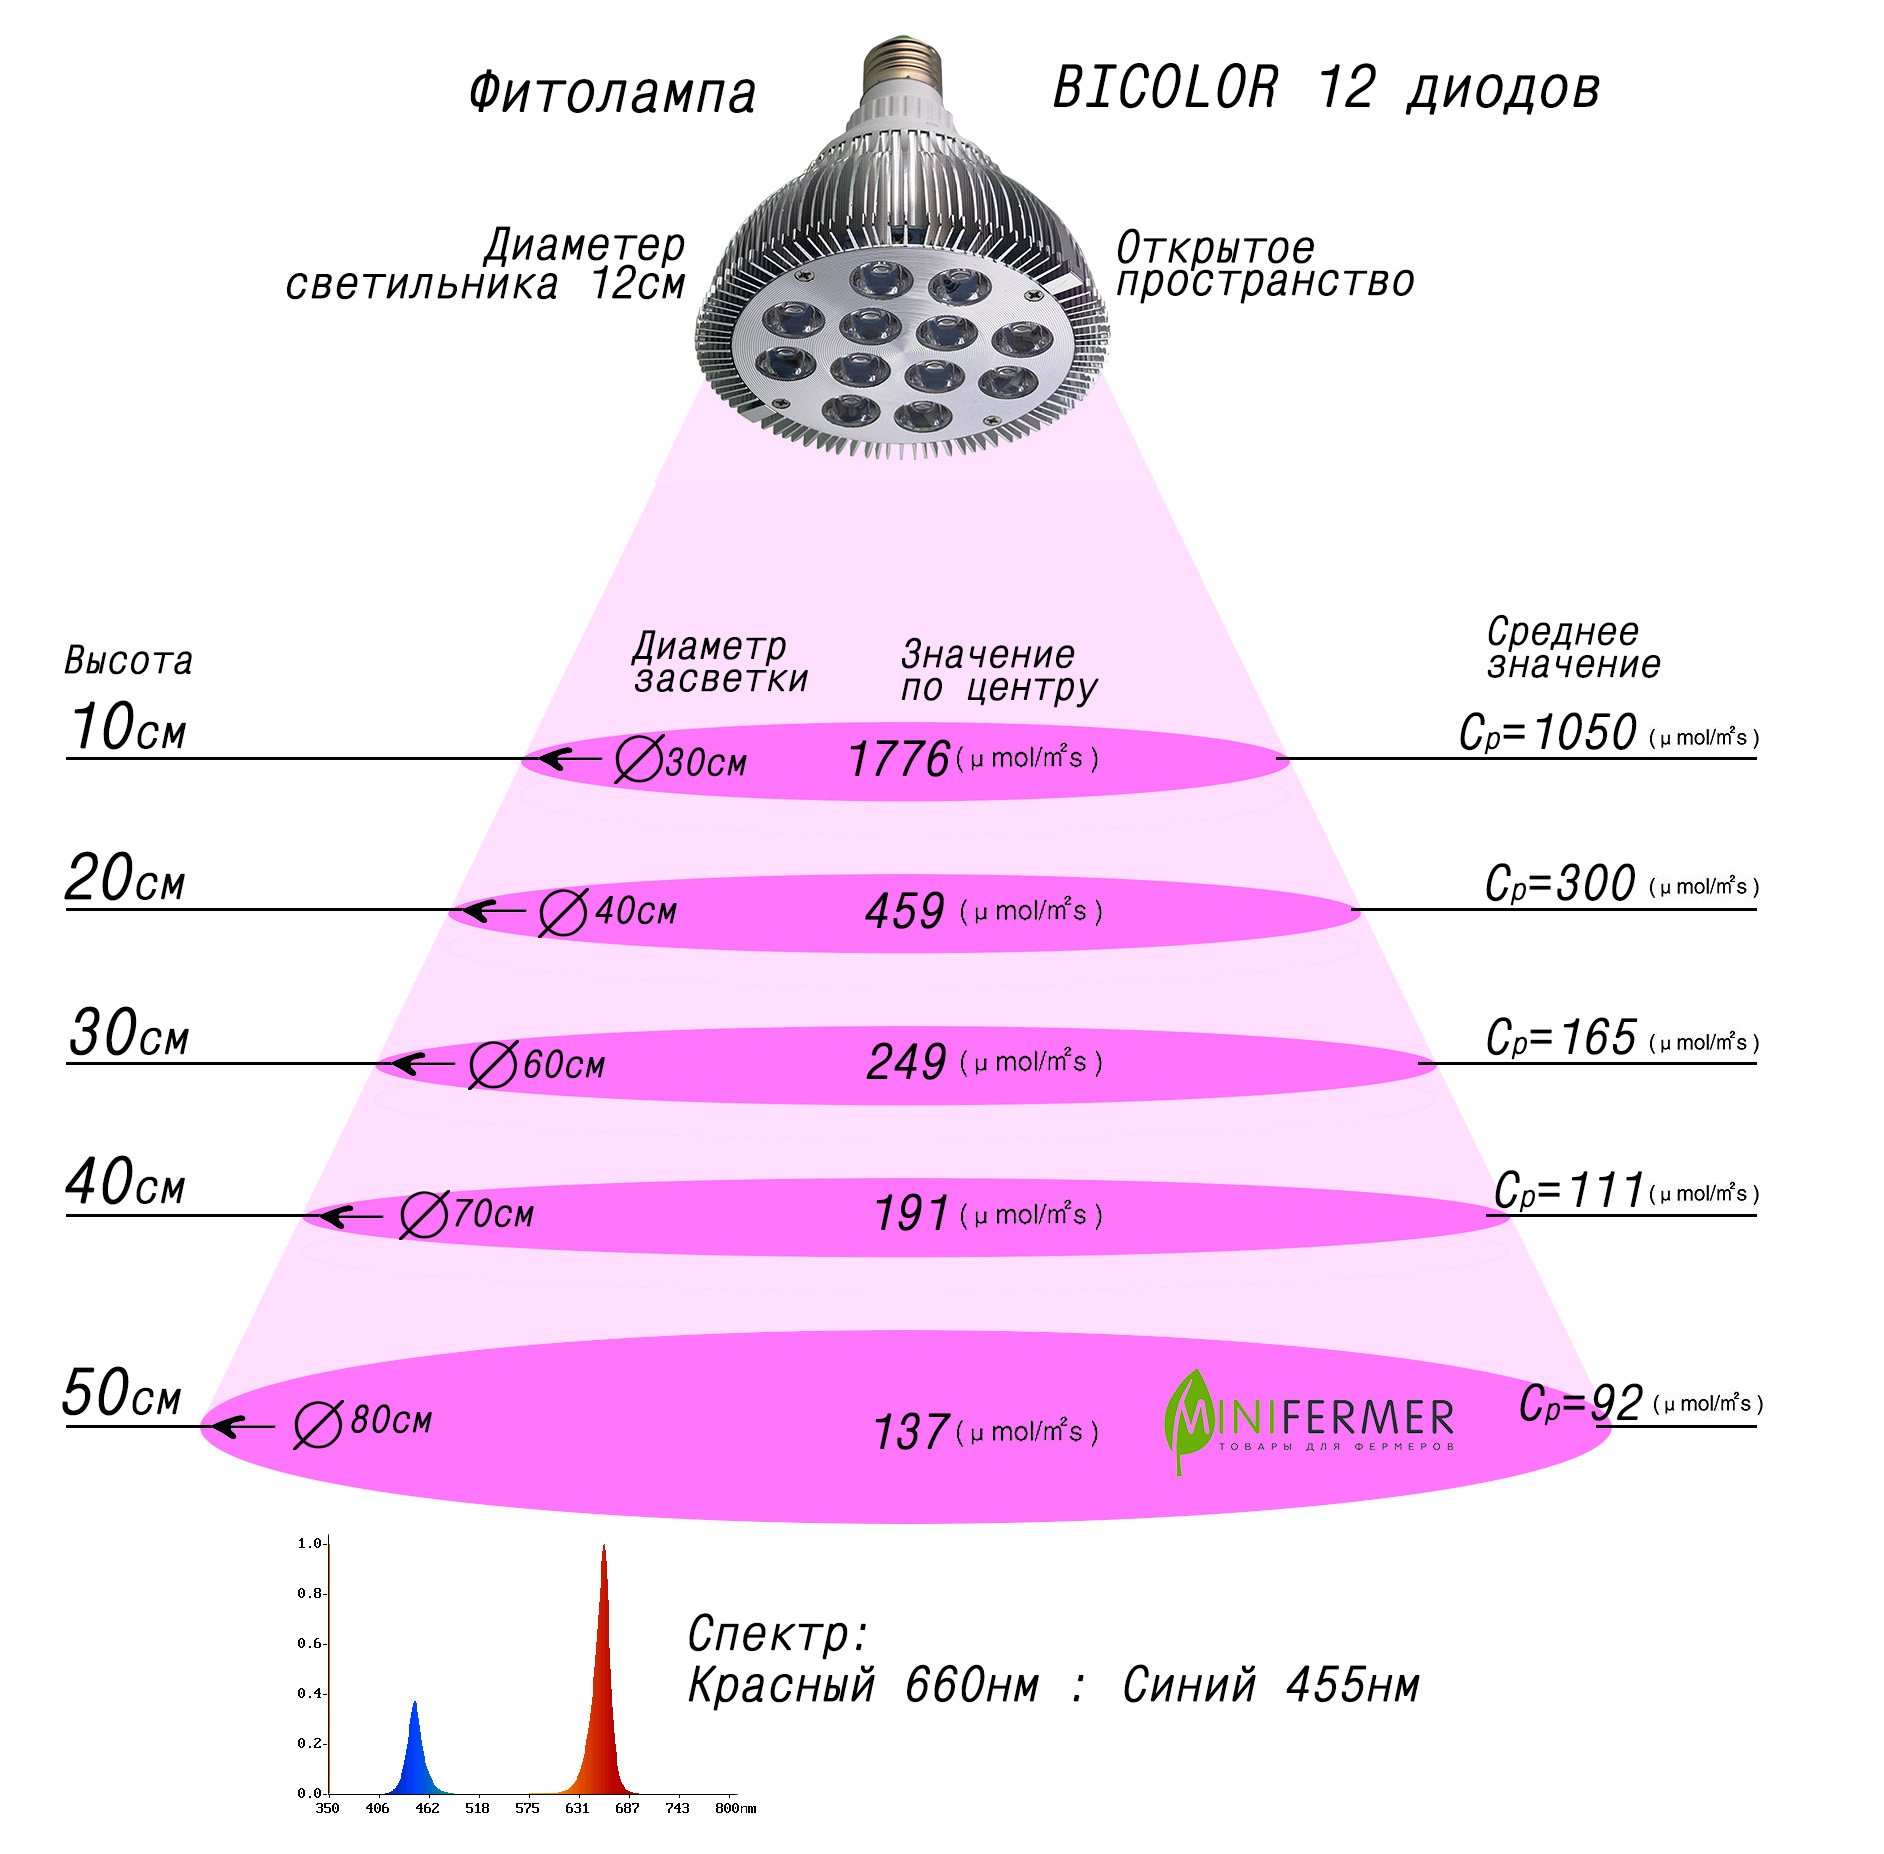 Спектр фитолампы для растений